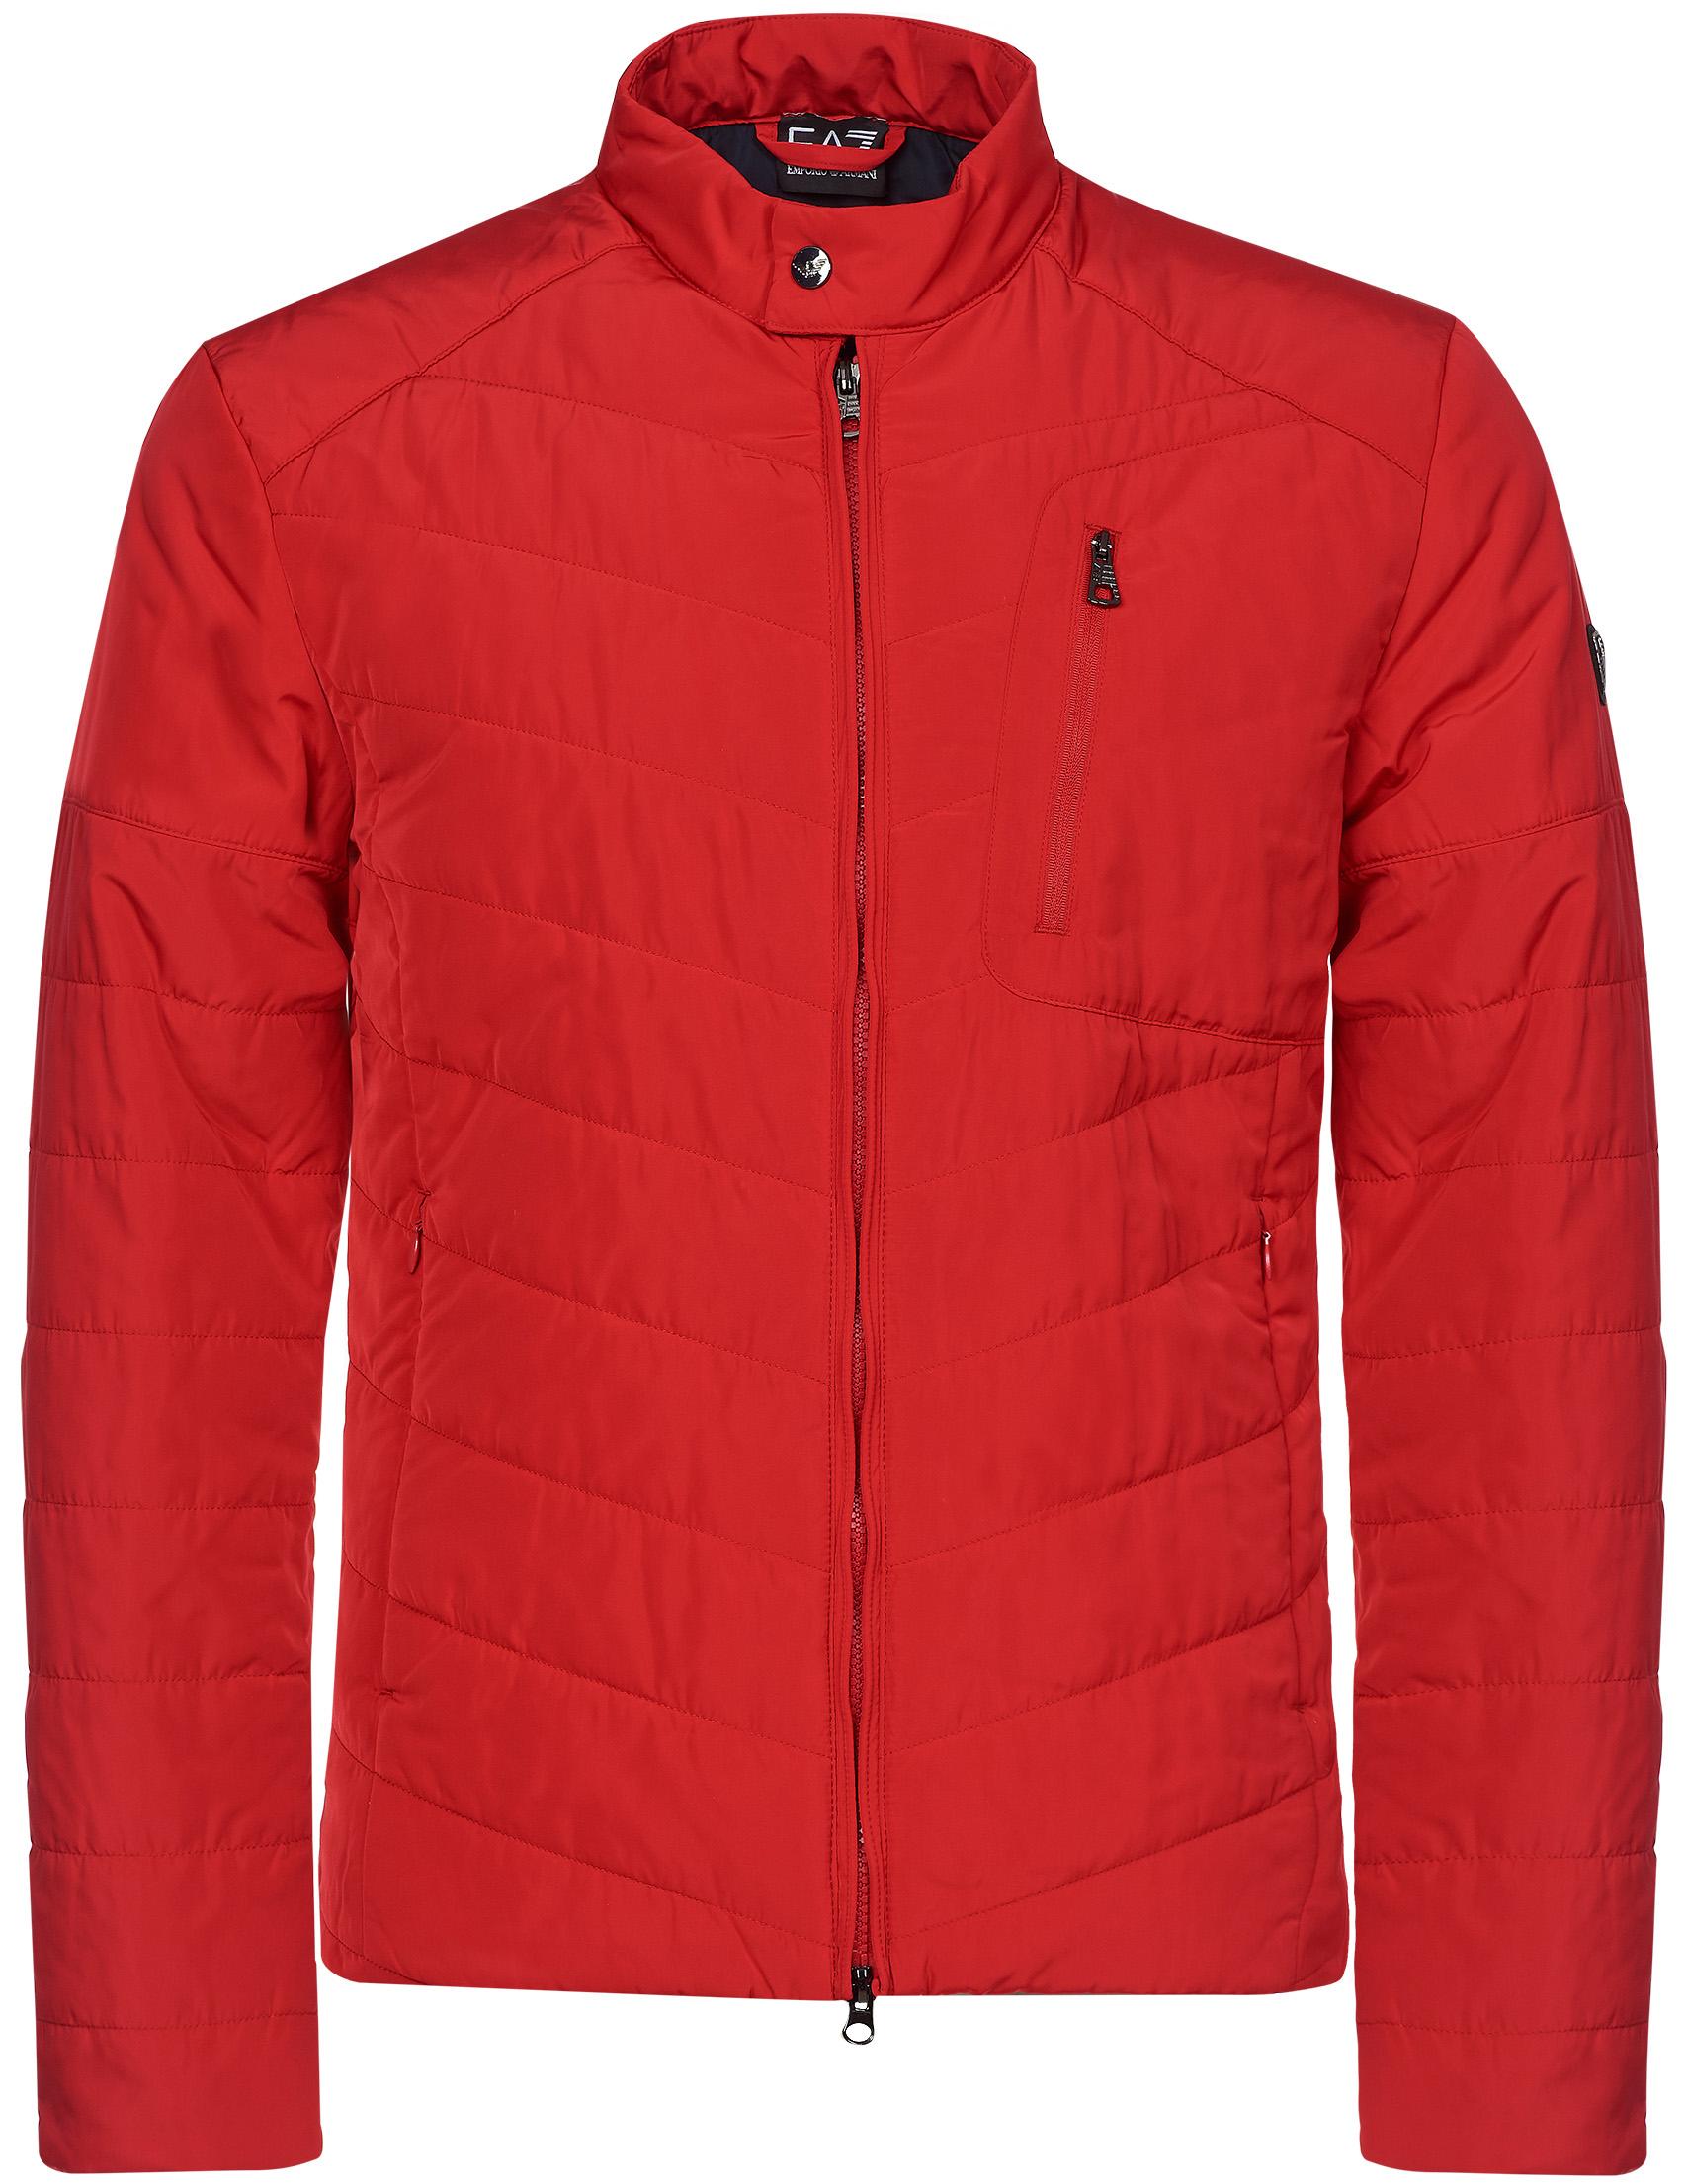 Купить Куртки, Куртка, EA7 EMPORIO ARMANI, Красный, 100%Полиэстер, Осень-Зима